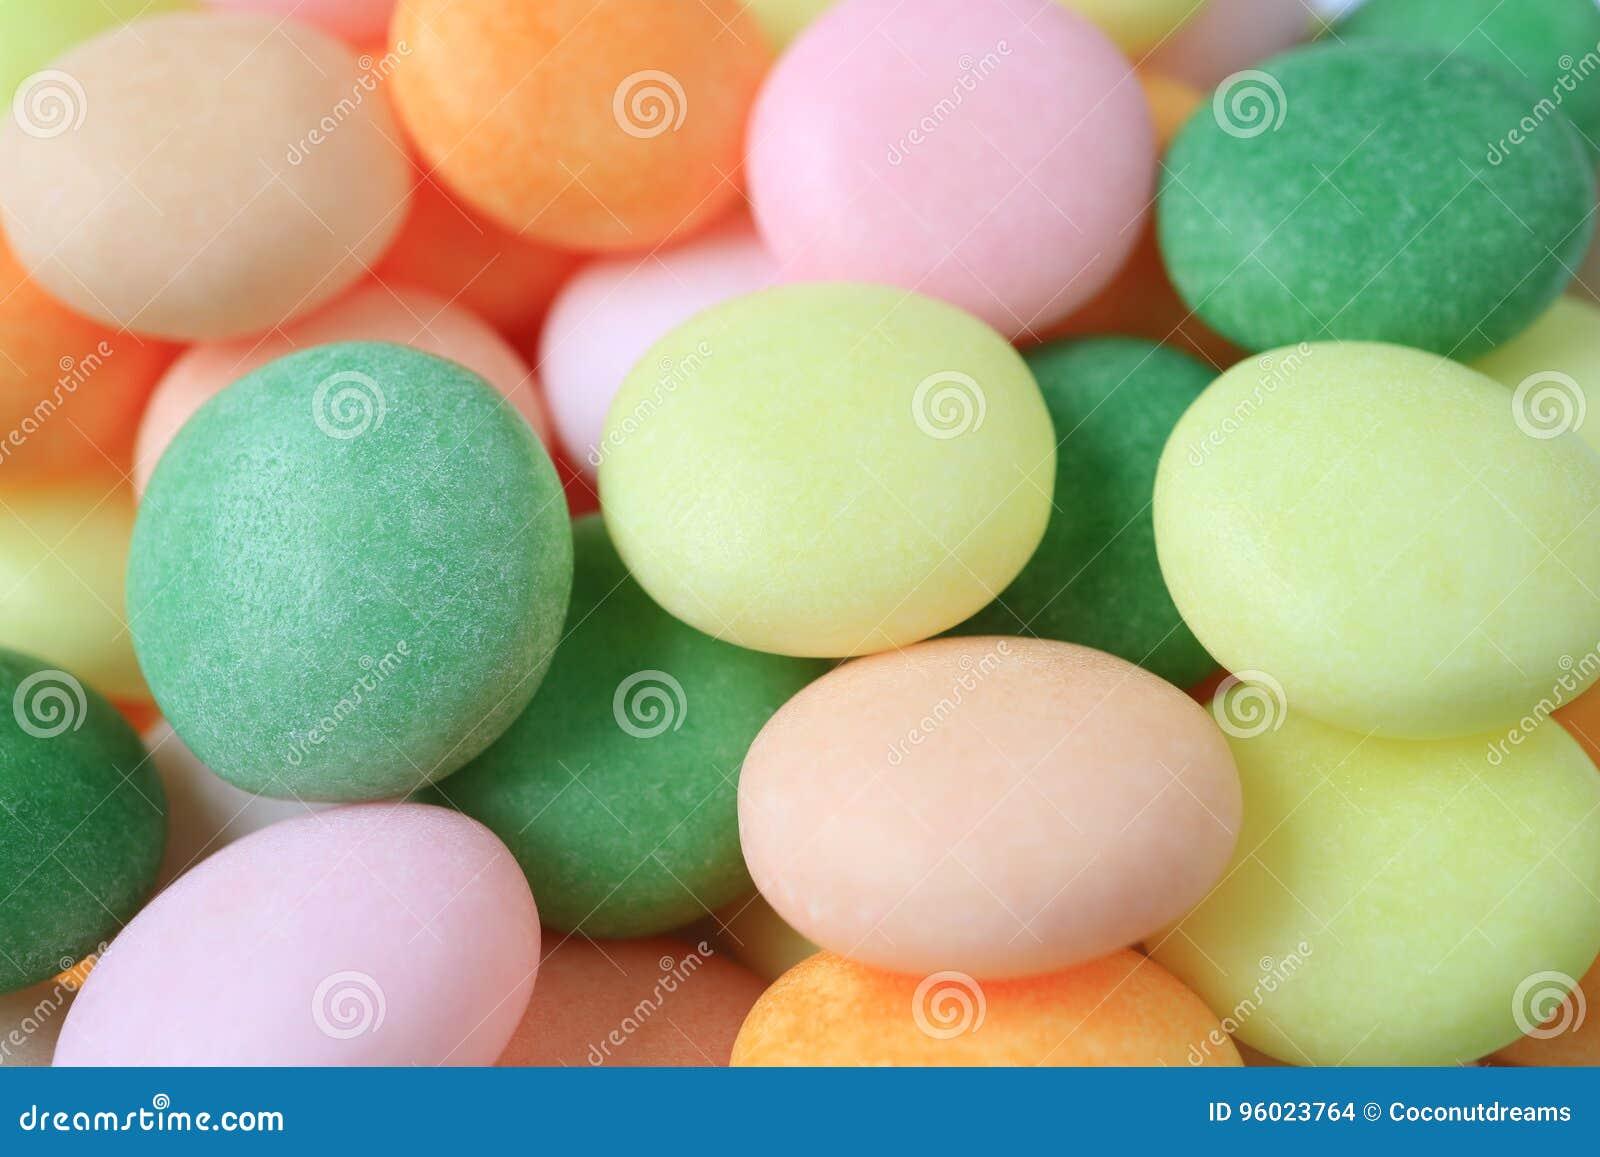 关闭淡色圆的糖果堆,与选择聚焦的背景的